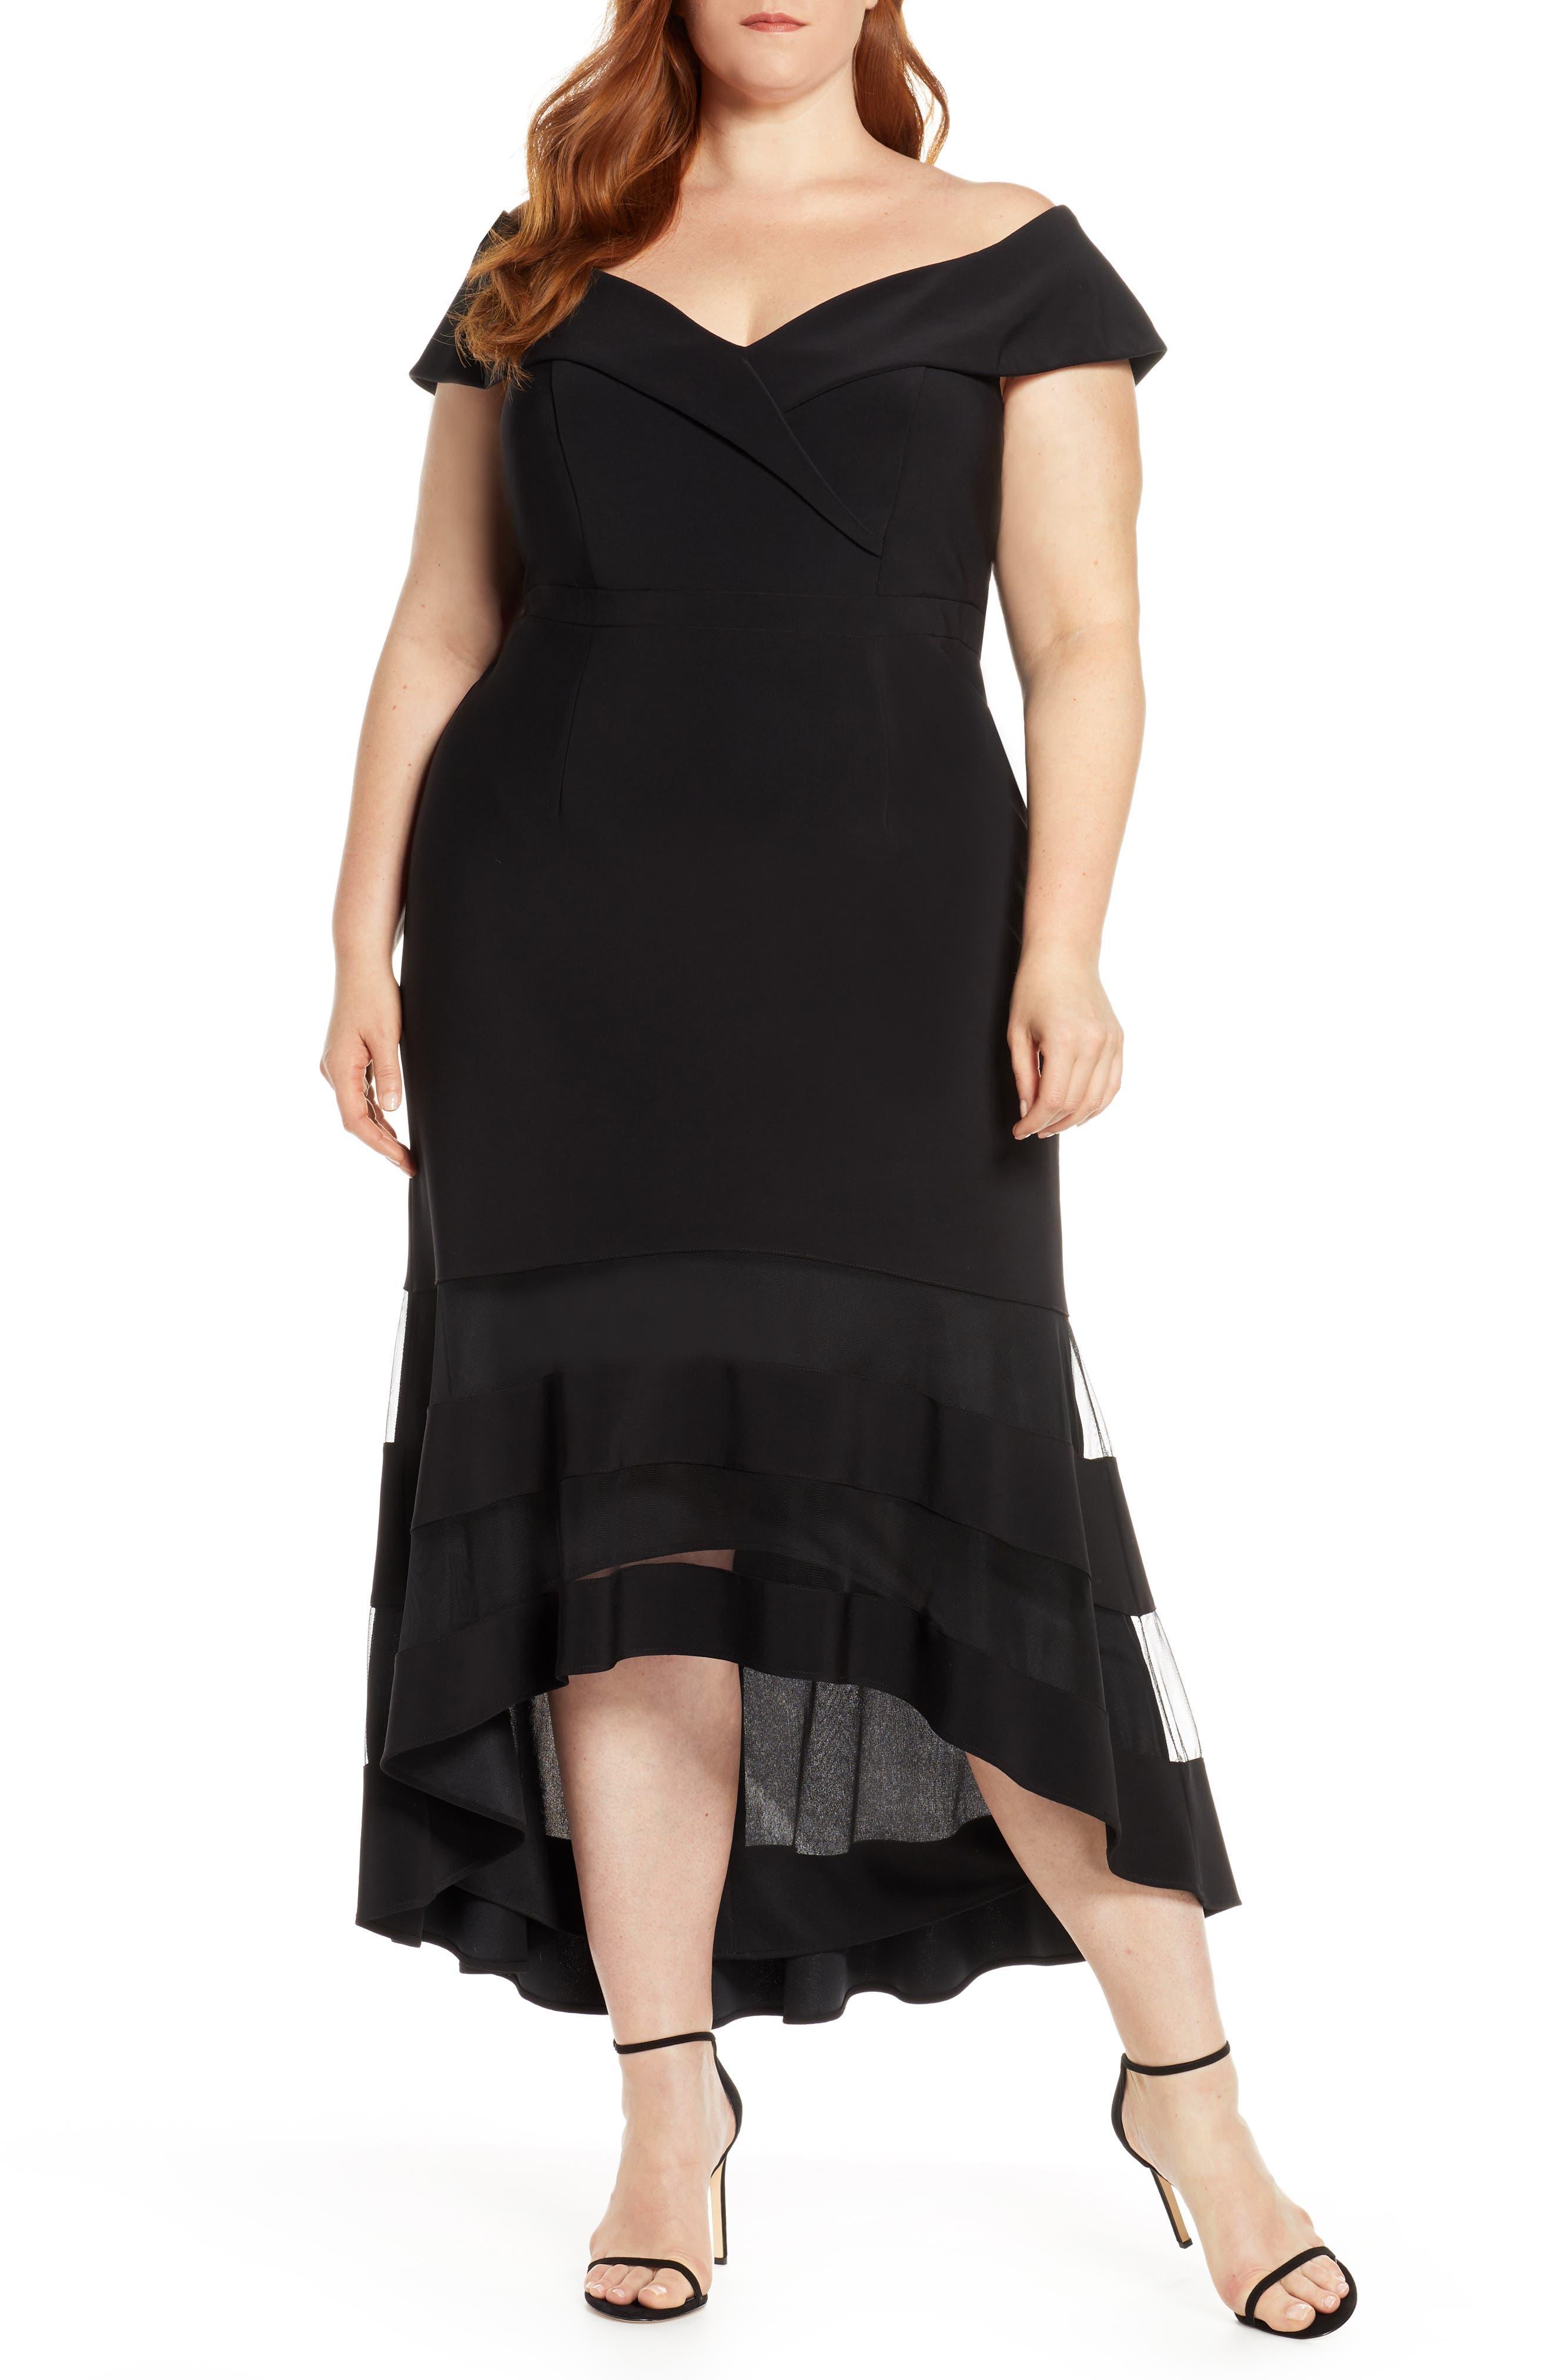 Plus Size Xscape Off The Shoulder High/low Cocktail Dress, Black